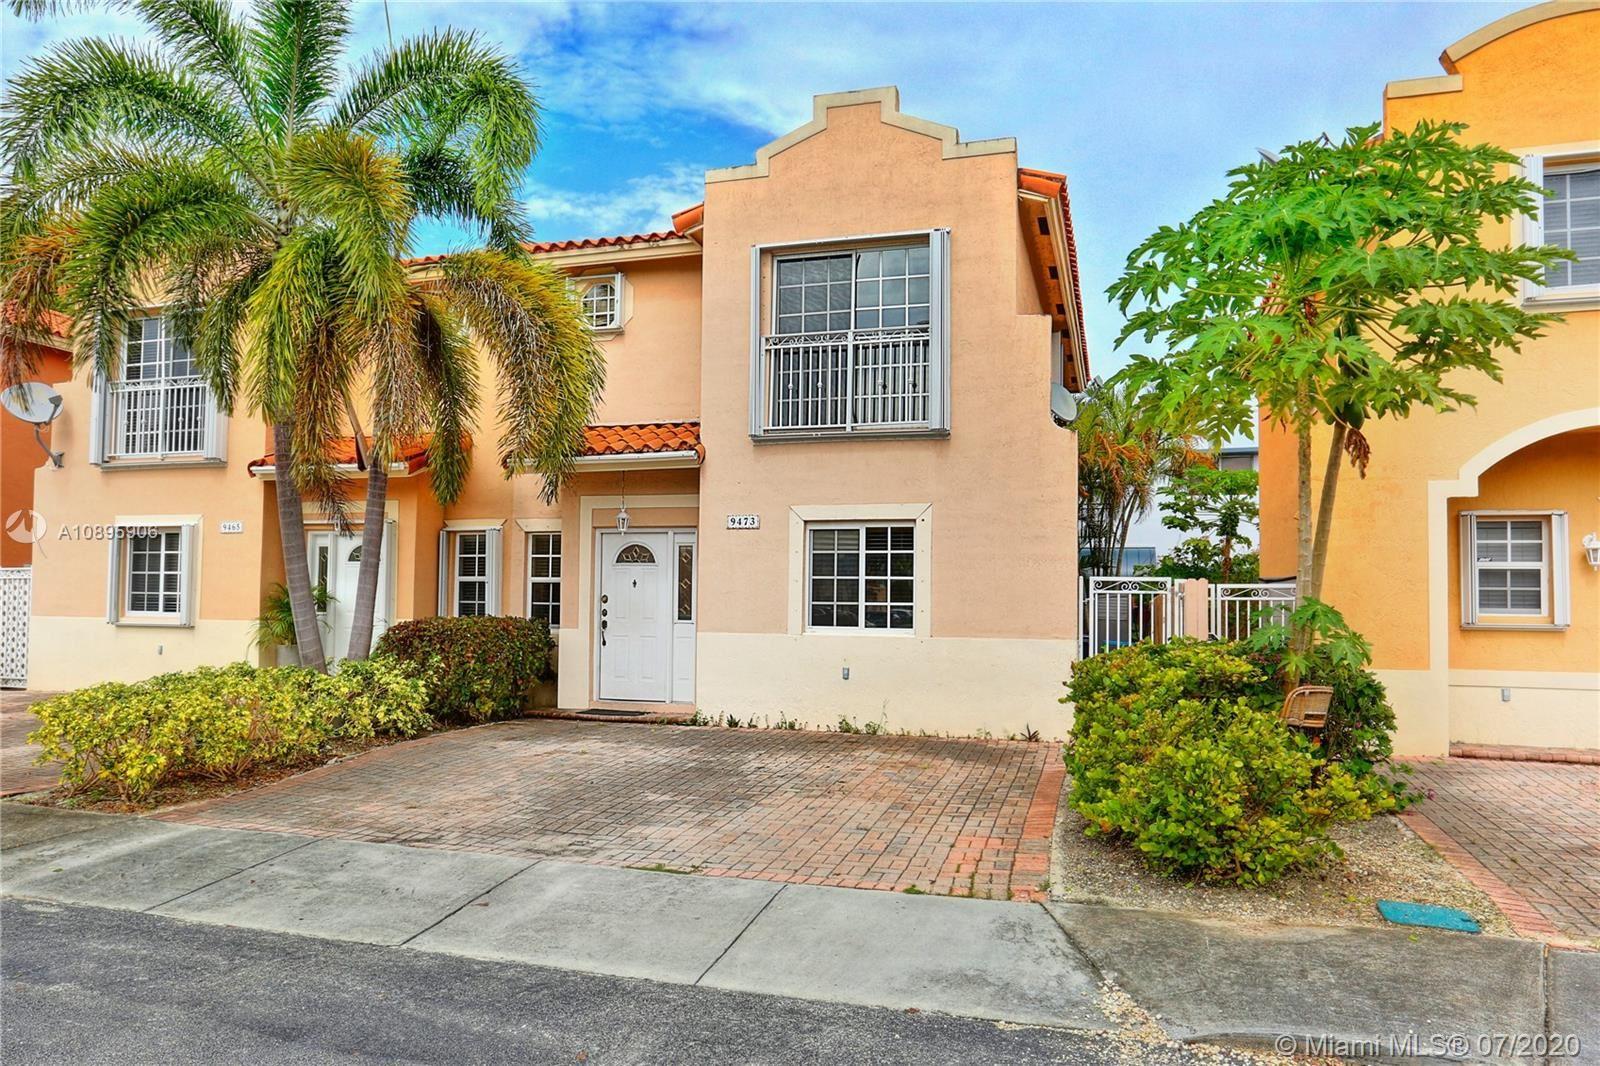 9473 SW 77 Ct, Miami, FL 33156 - #: A10895906